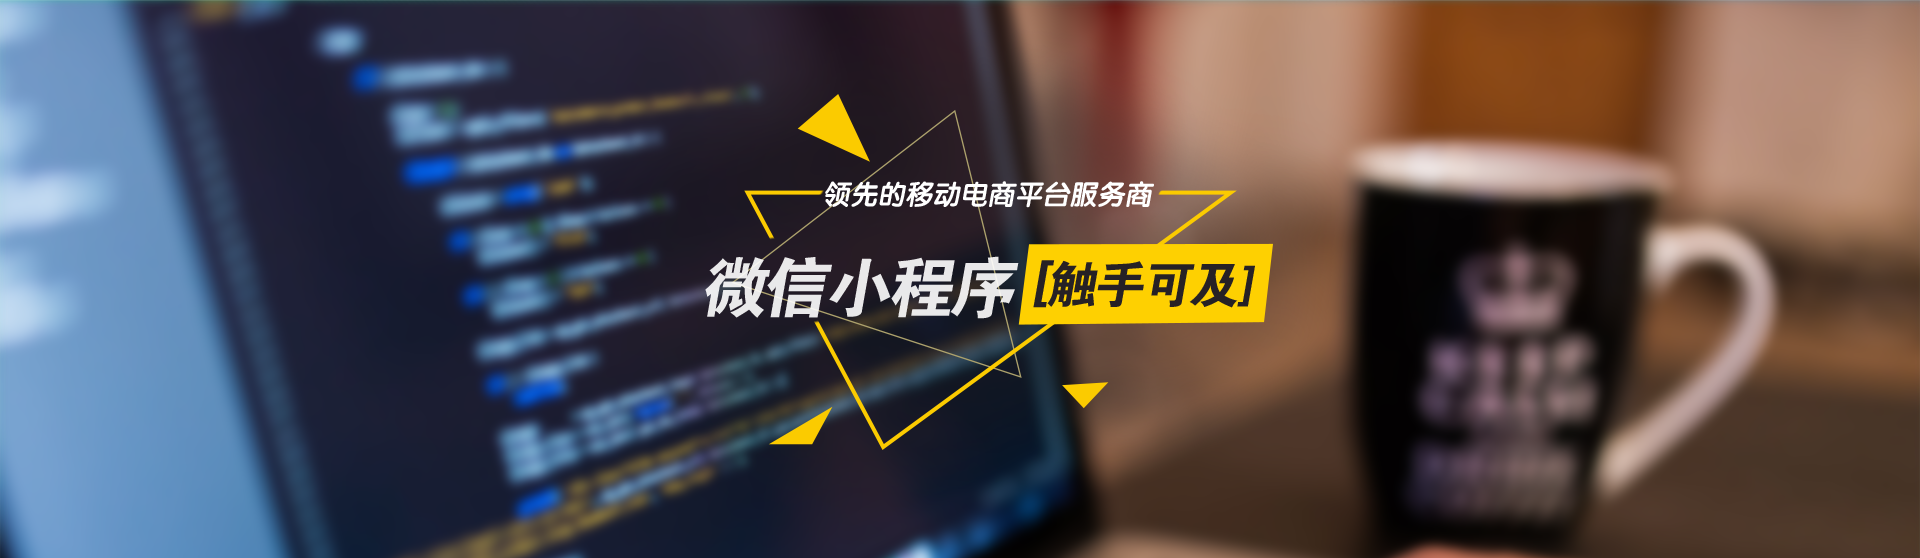 杭州小尖科技有限公司领先的移动电商平台服务商微信小程序触手可及